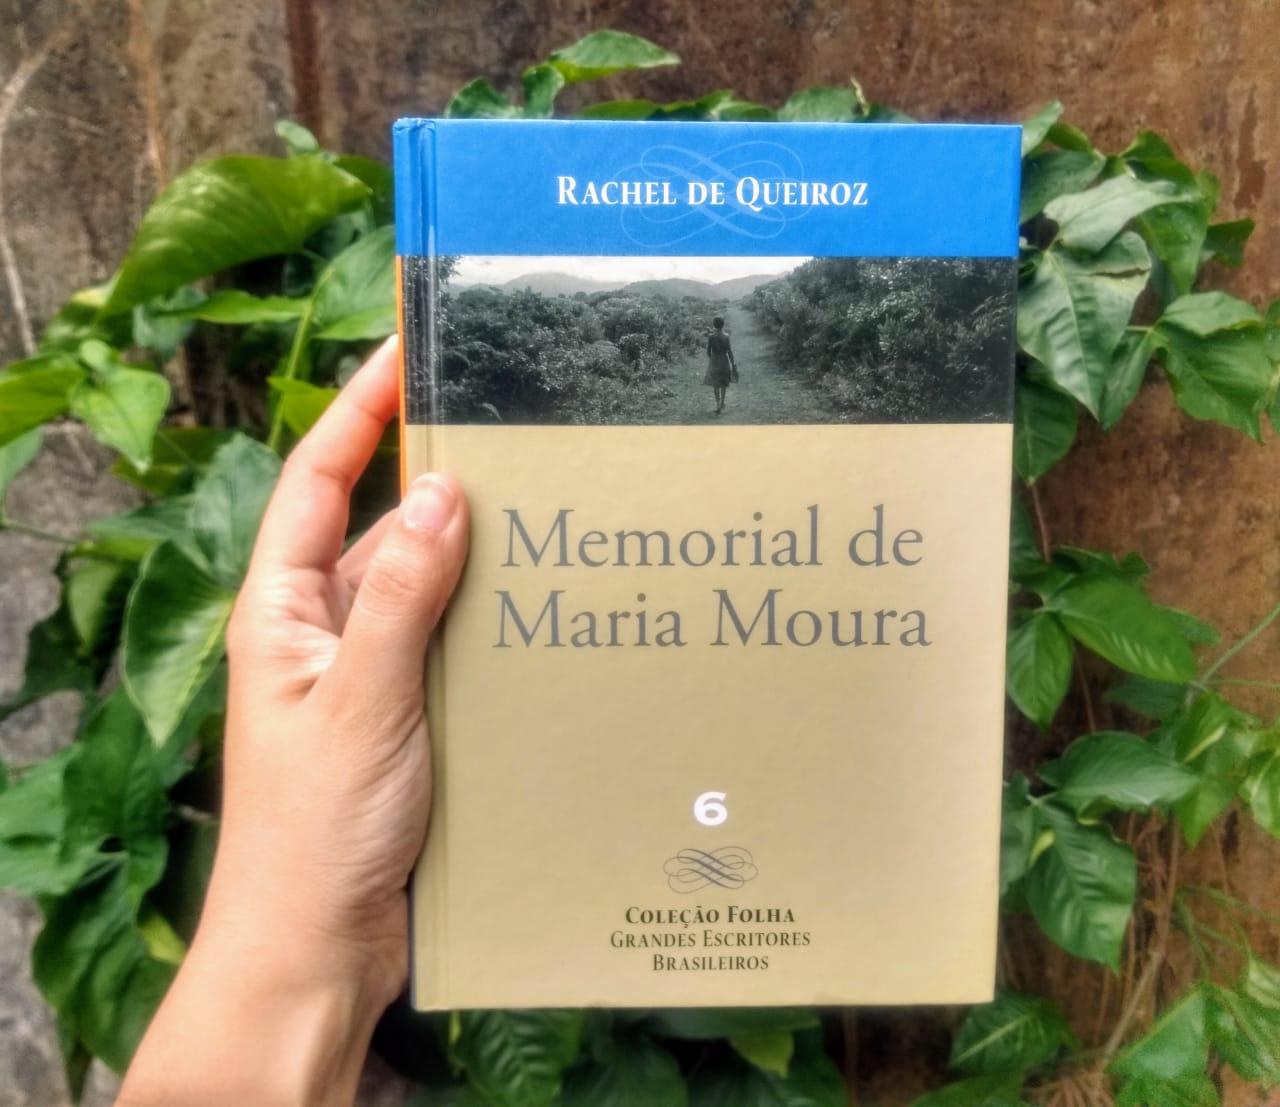 [RESENHA] MEMORIAL DE MARIA MOURA, DE RACHEL DE QUEIROZ